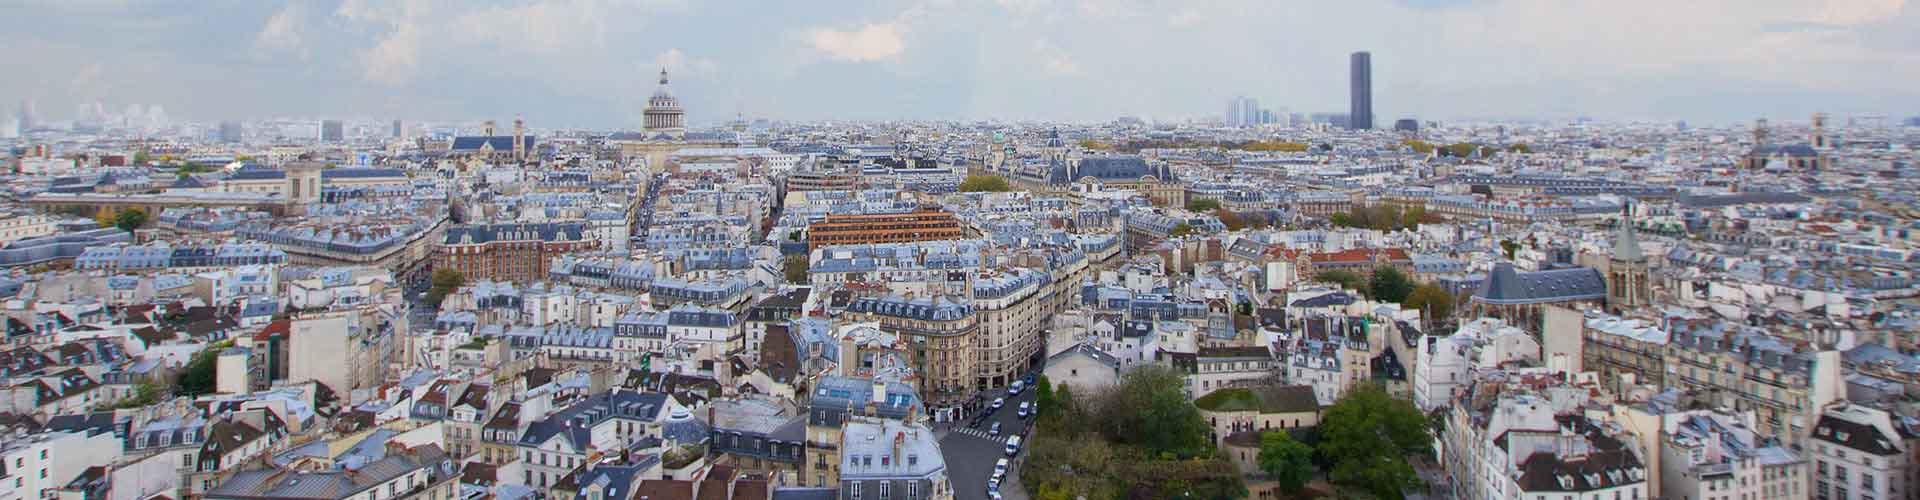 巴黎 – Quartier Latin区的青年旅馆。巴黎 地图,巴黎 每间青年旅馆的照片和评分。